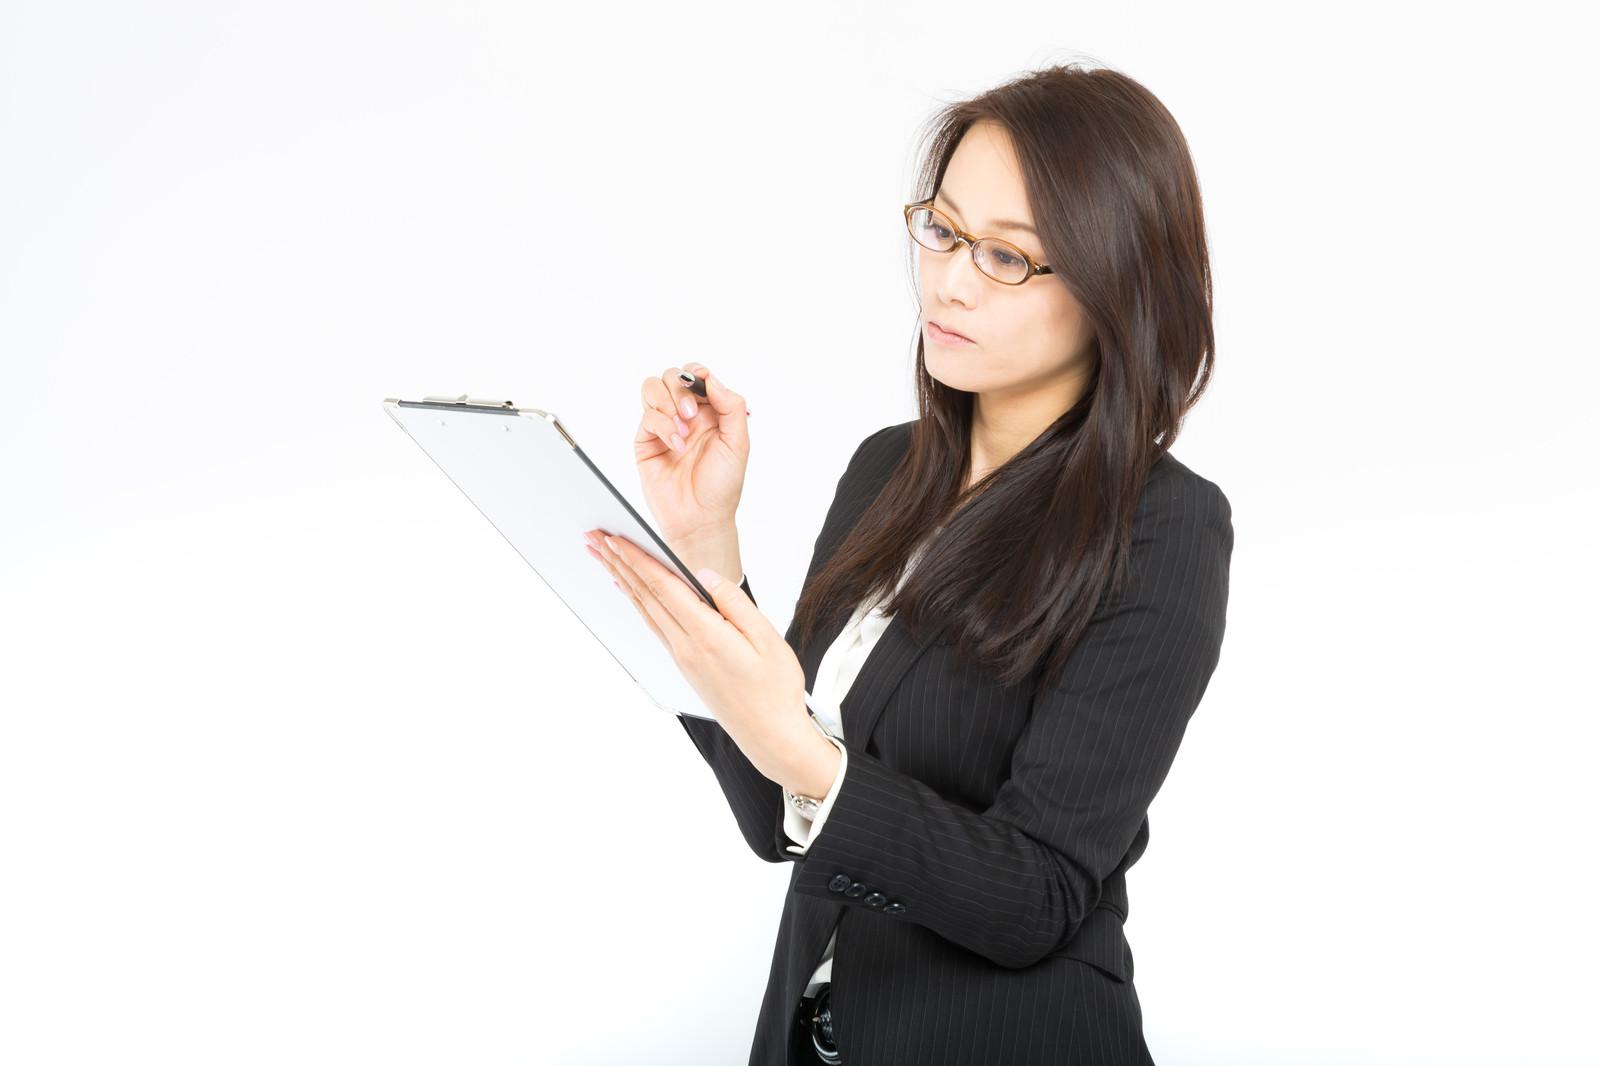 秘書のファッションと品格